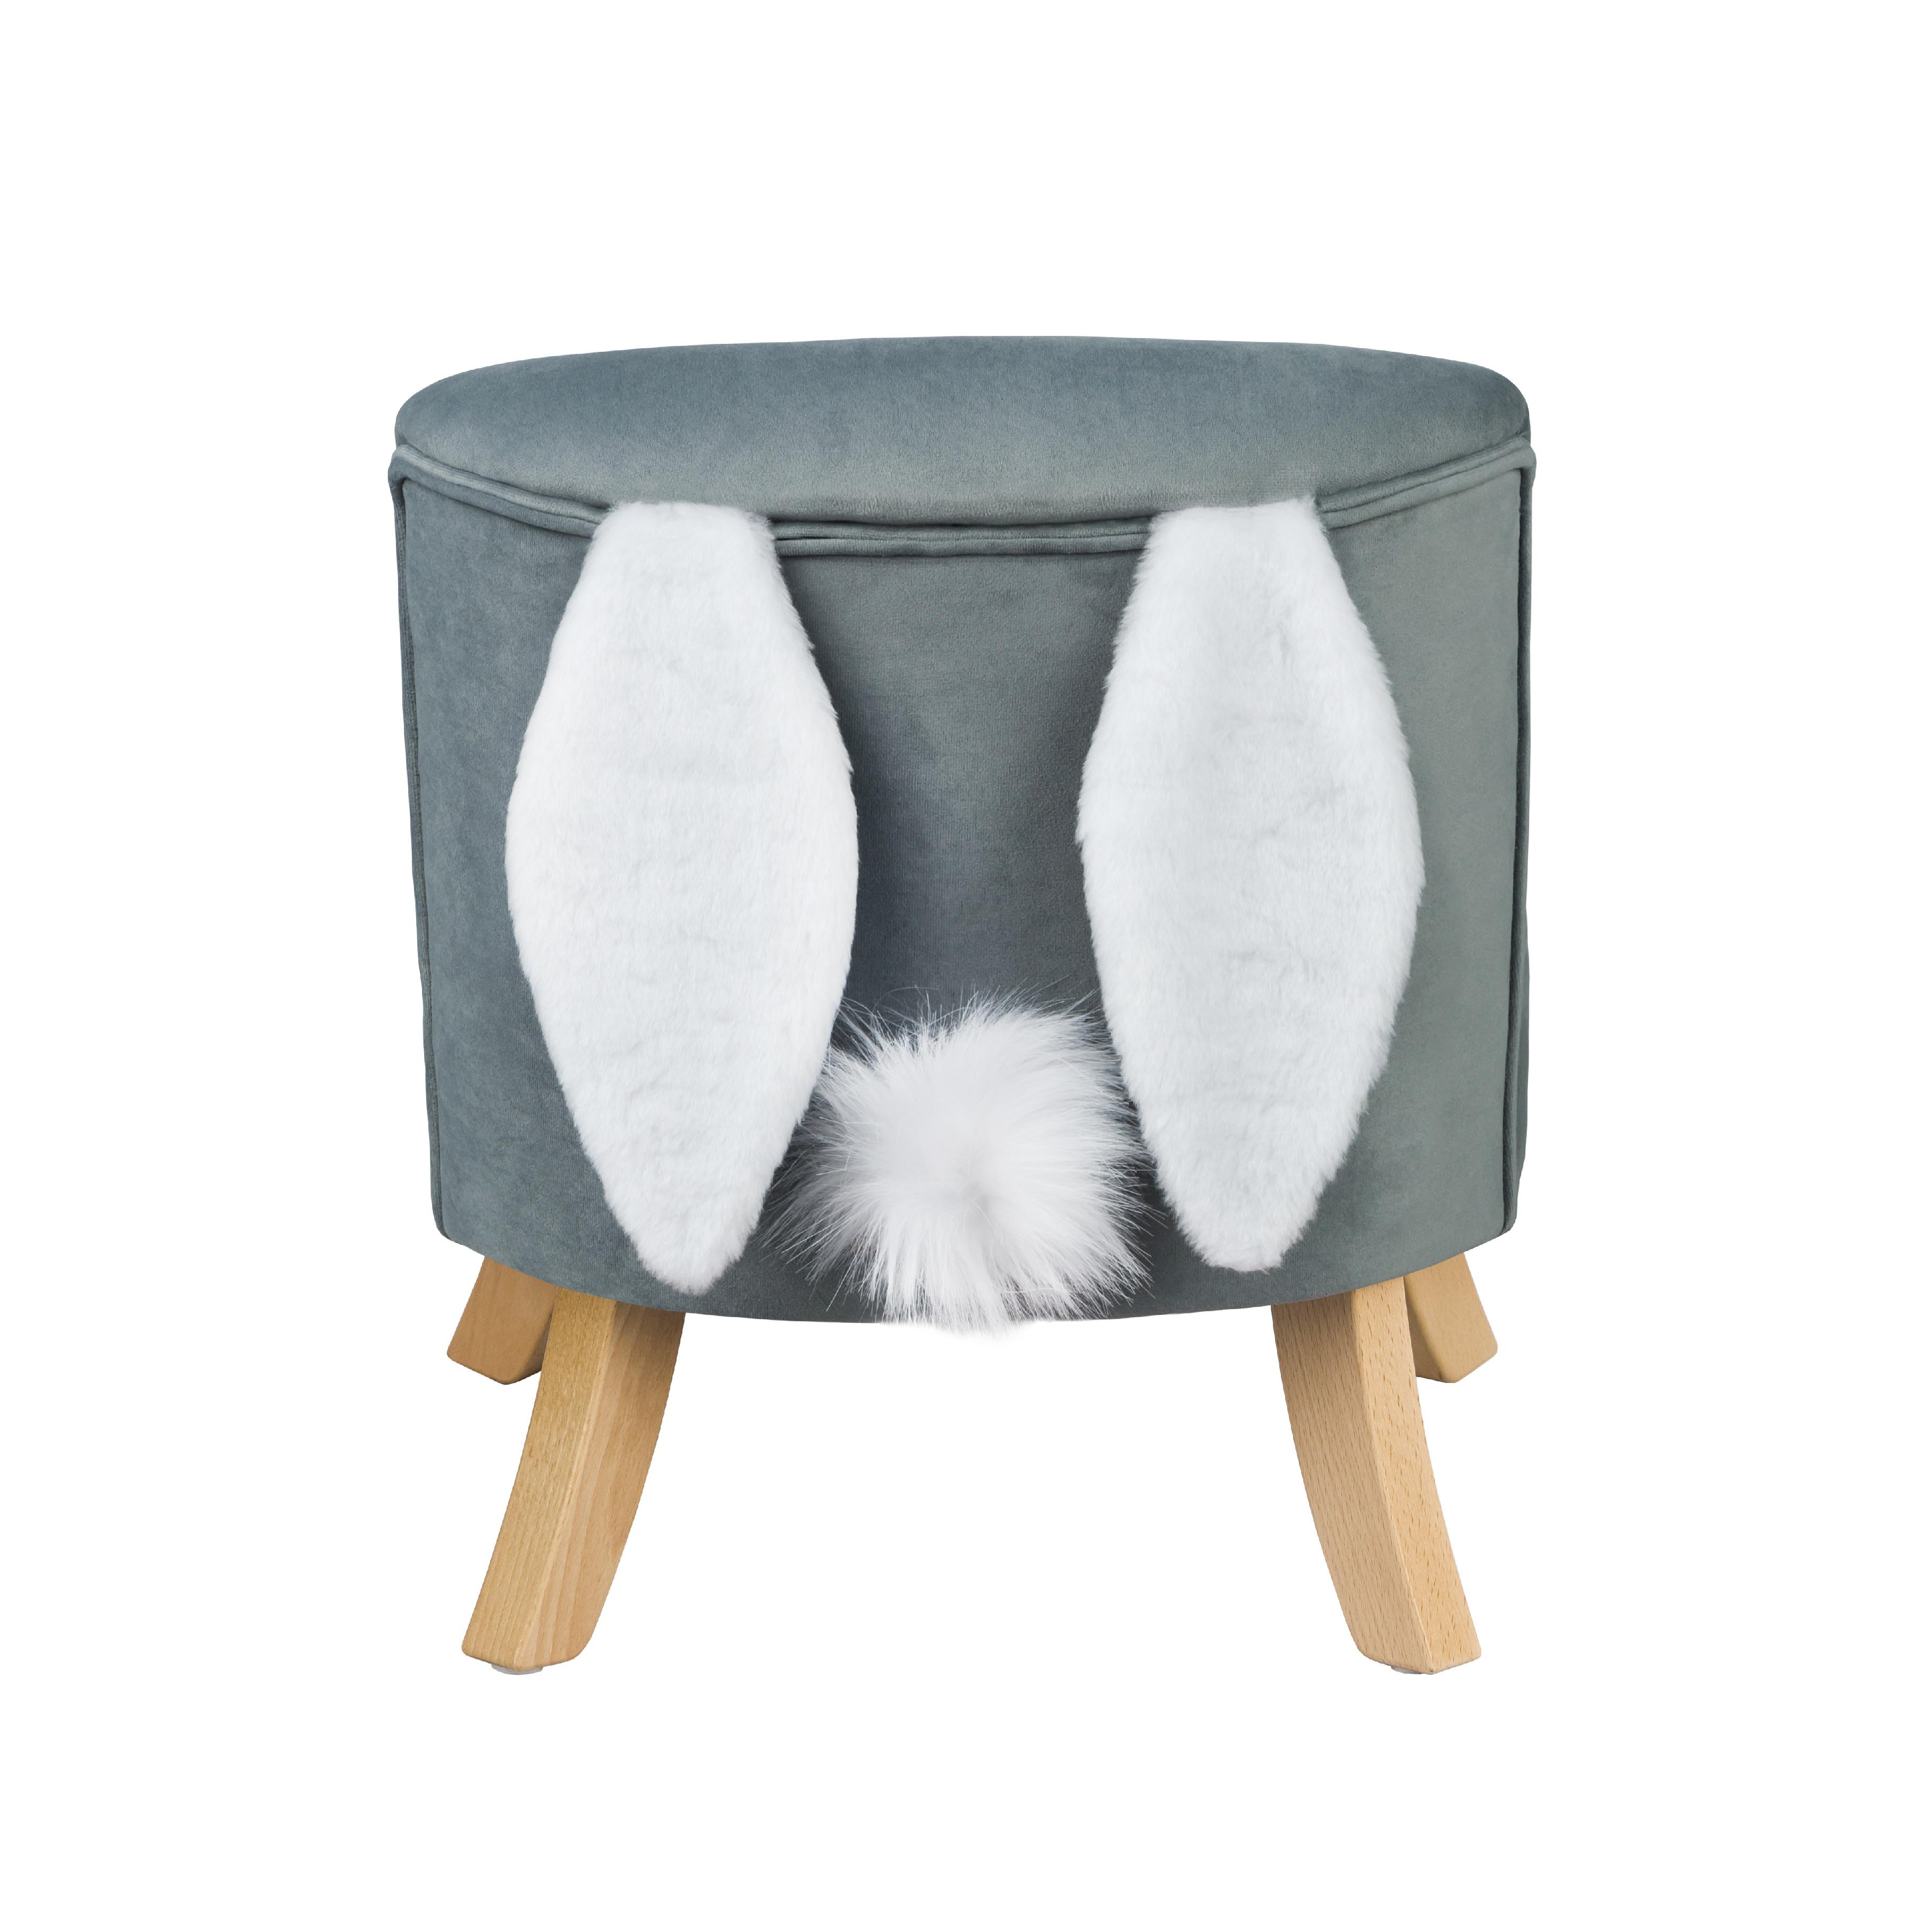 ArtSB Kreslo Bunny s ušami Prevedenie: Kreslo s hnedými 17 cm nohami